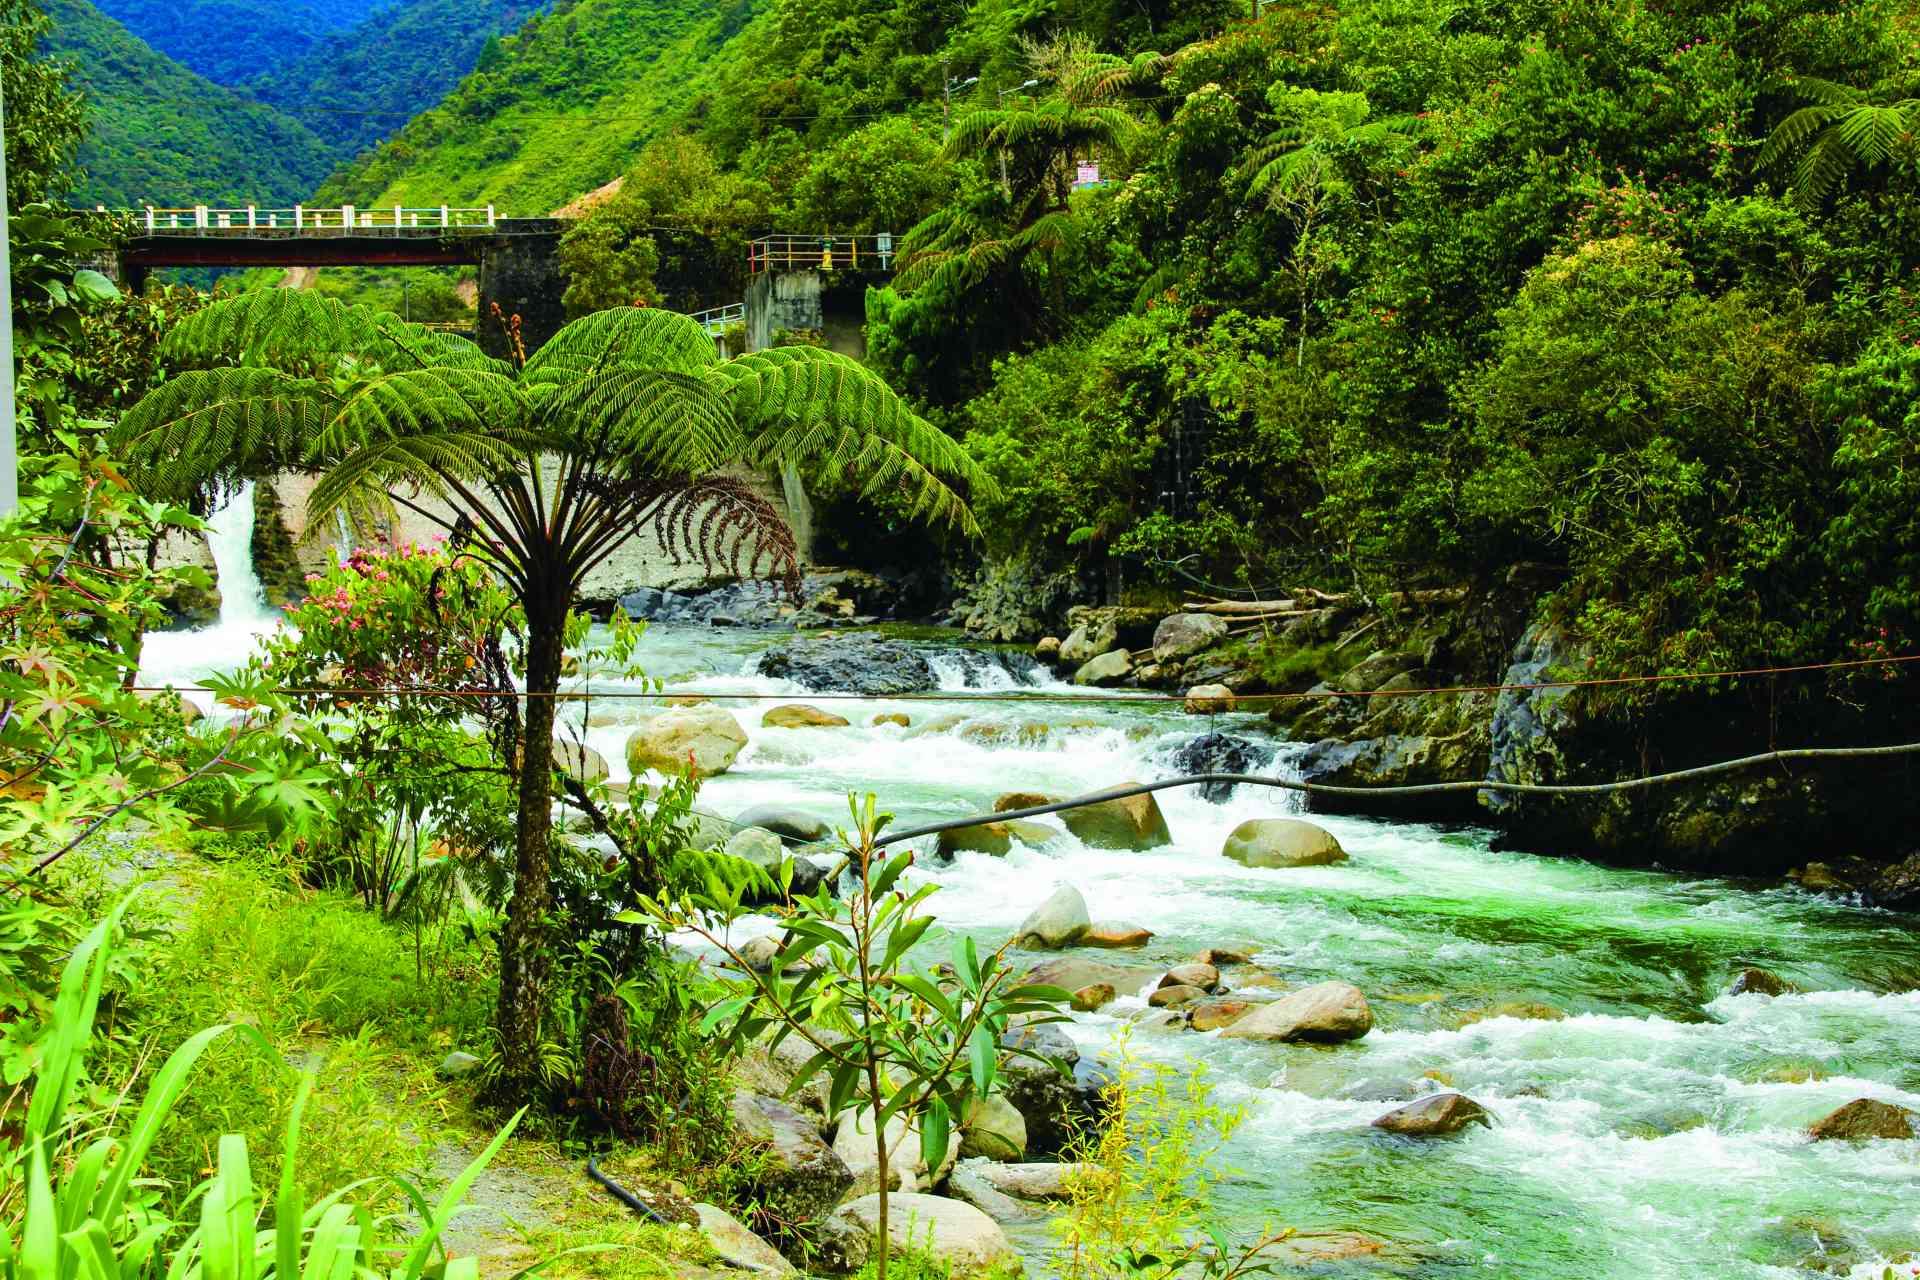 Baños, Ecuador by David Hammett